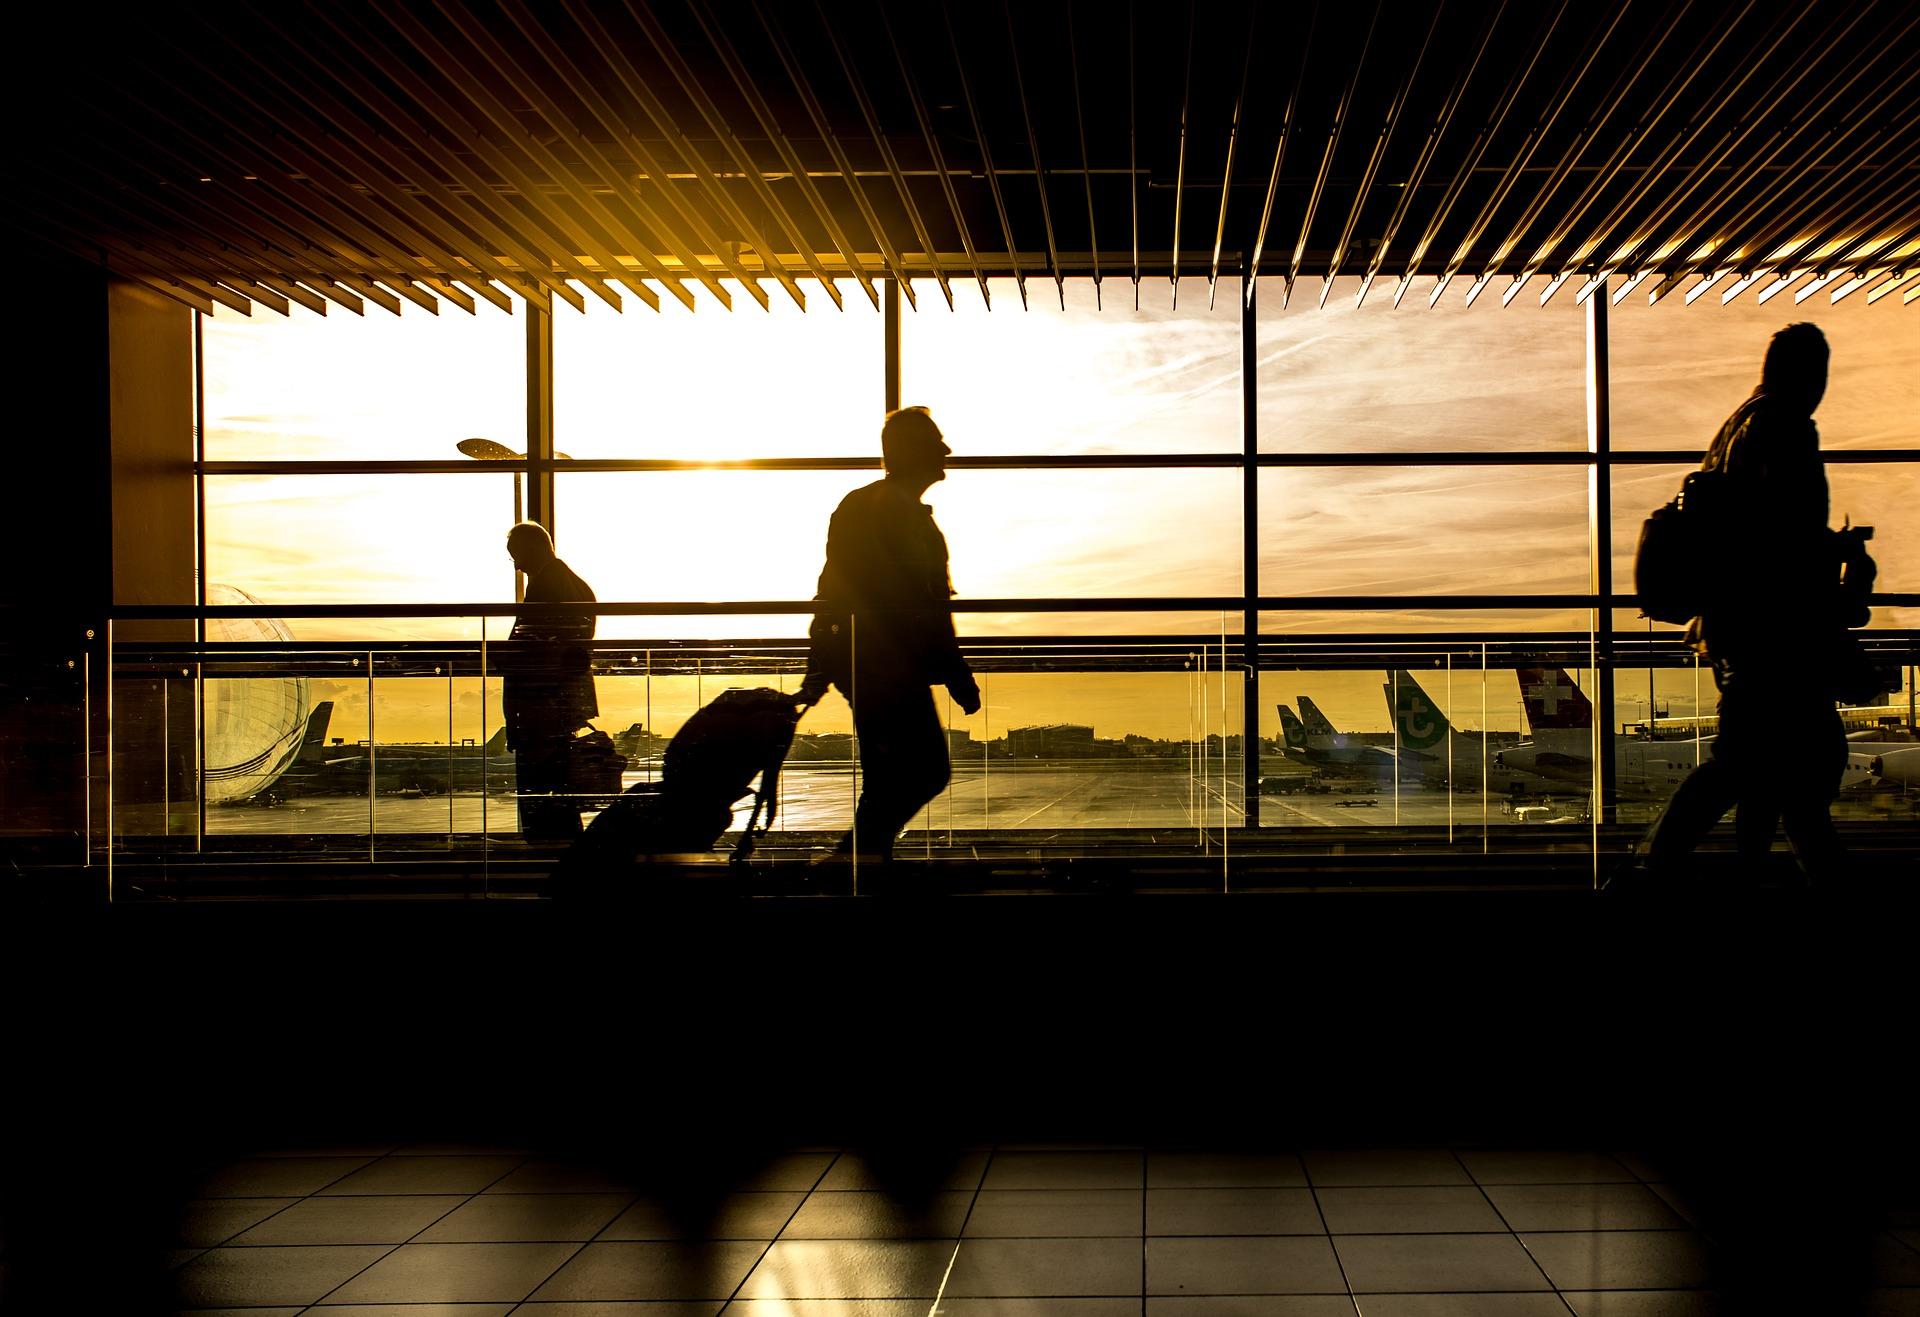 Letiská opäť otvárajú svoje brány